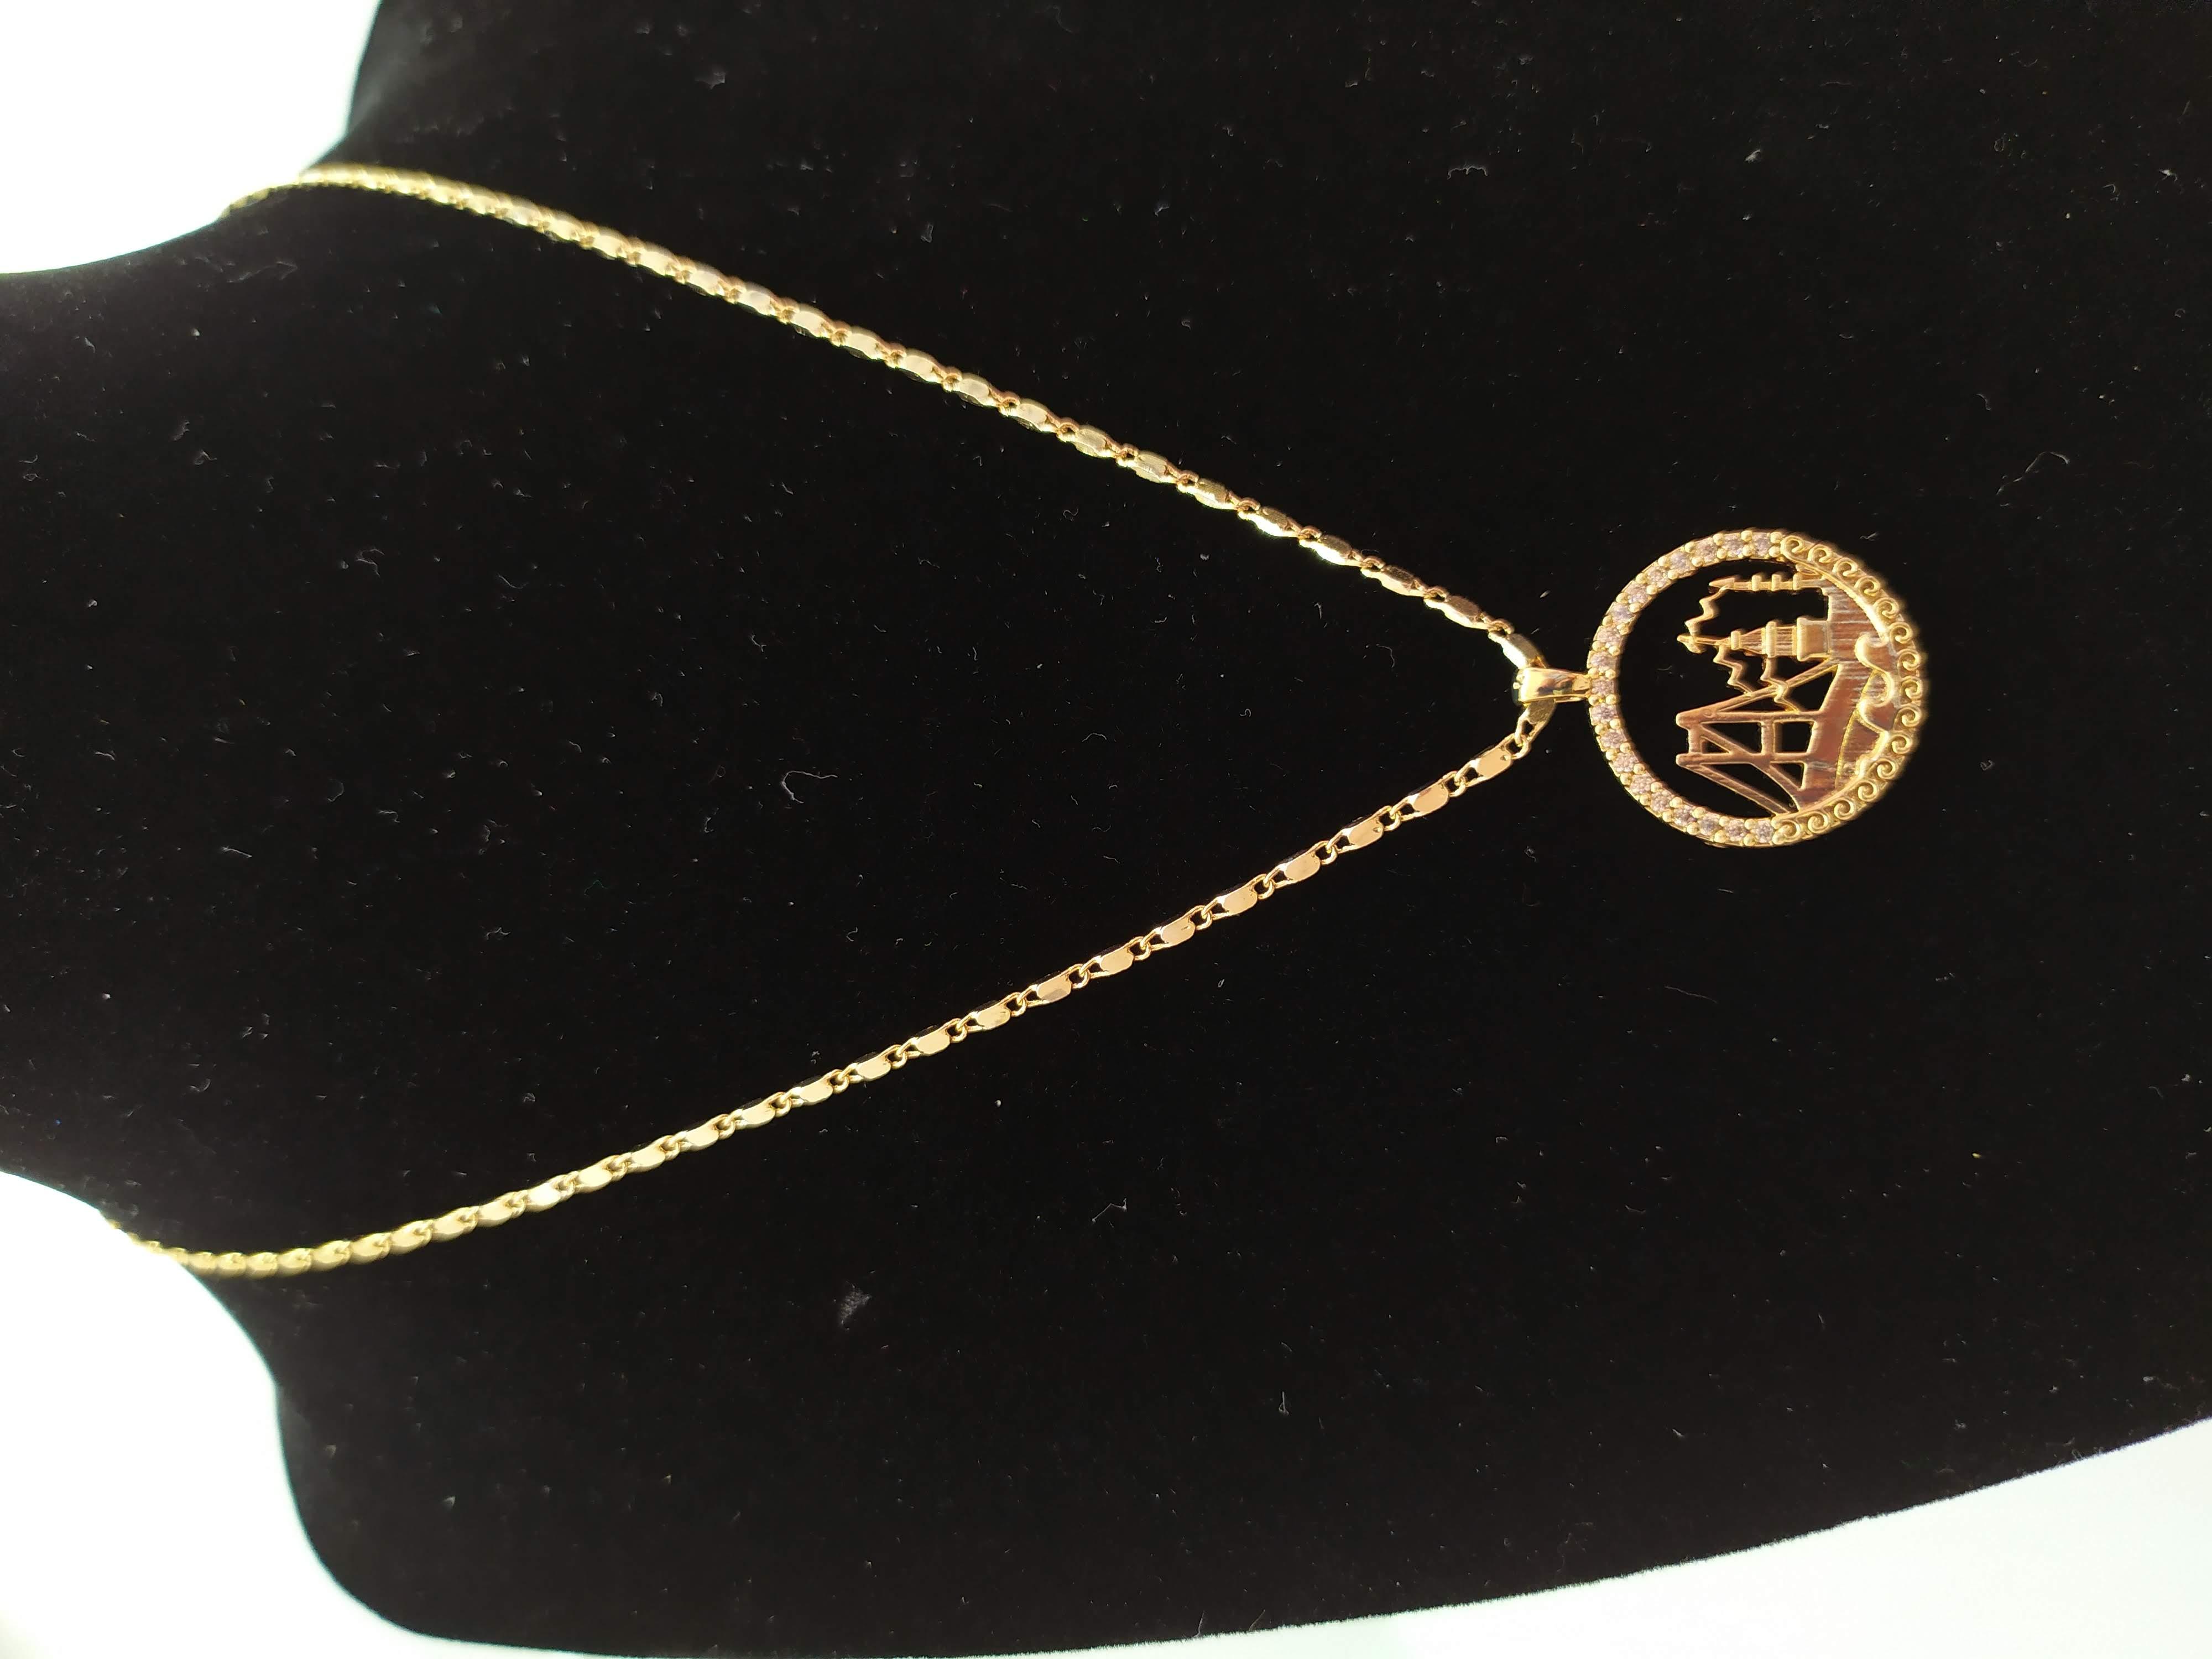 قلادة مطلية بالذهب مع الزركون الممتاز. لا يسبب الحساسية ، لا تغميق / Gold plated necklace with premium zircon. does not cause allergies, does not darken_24